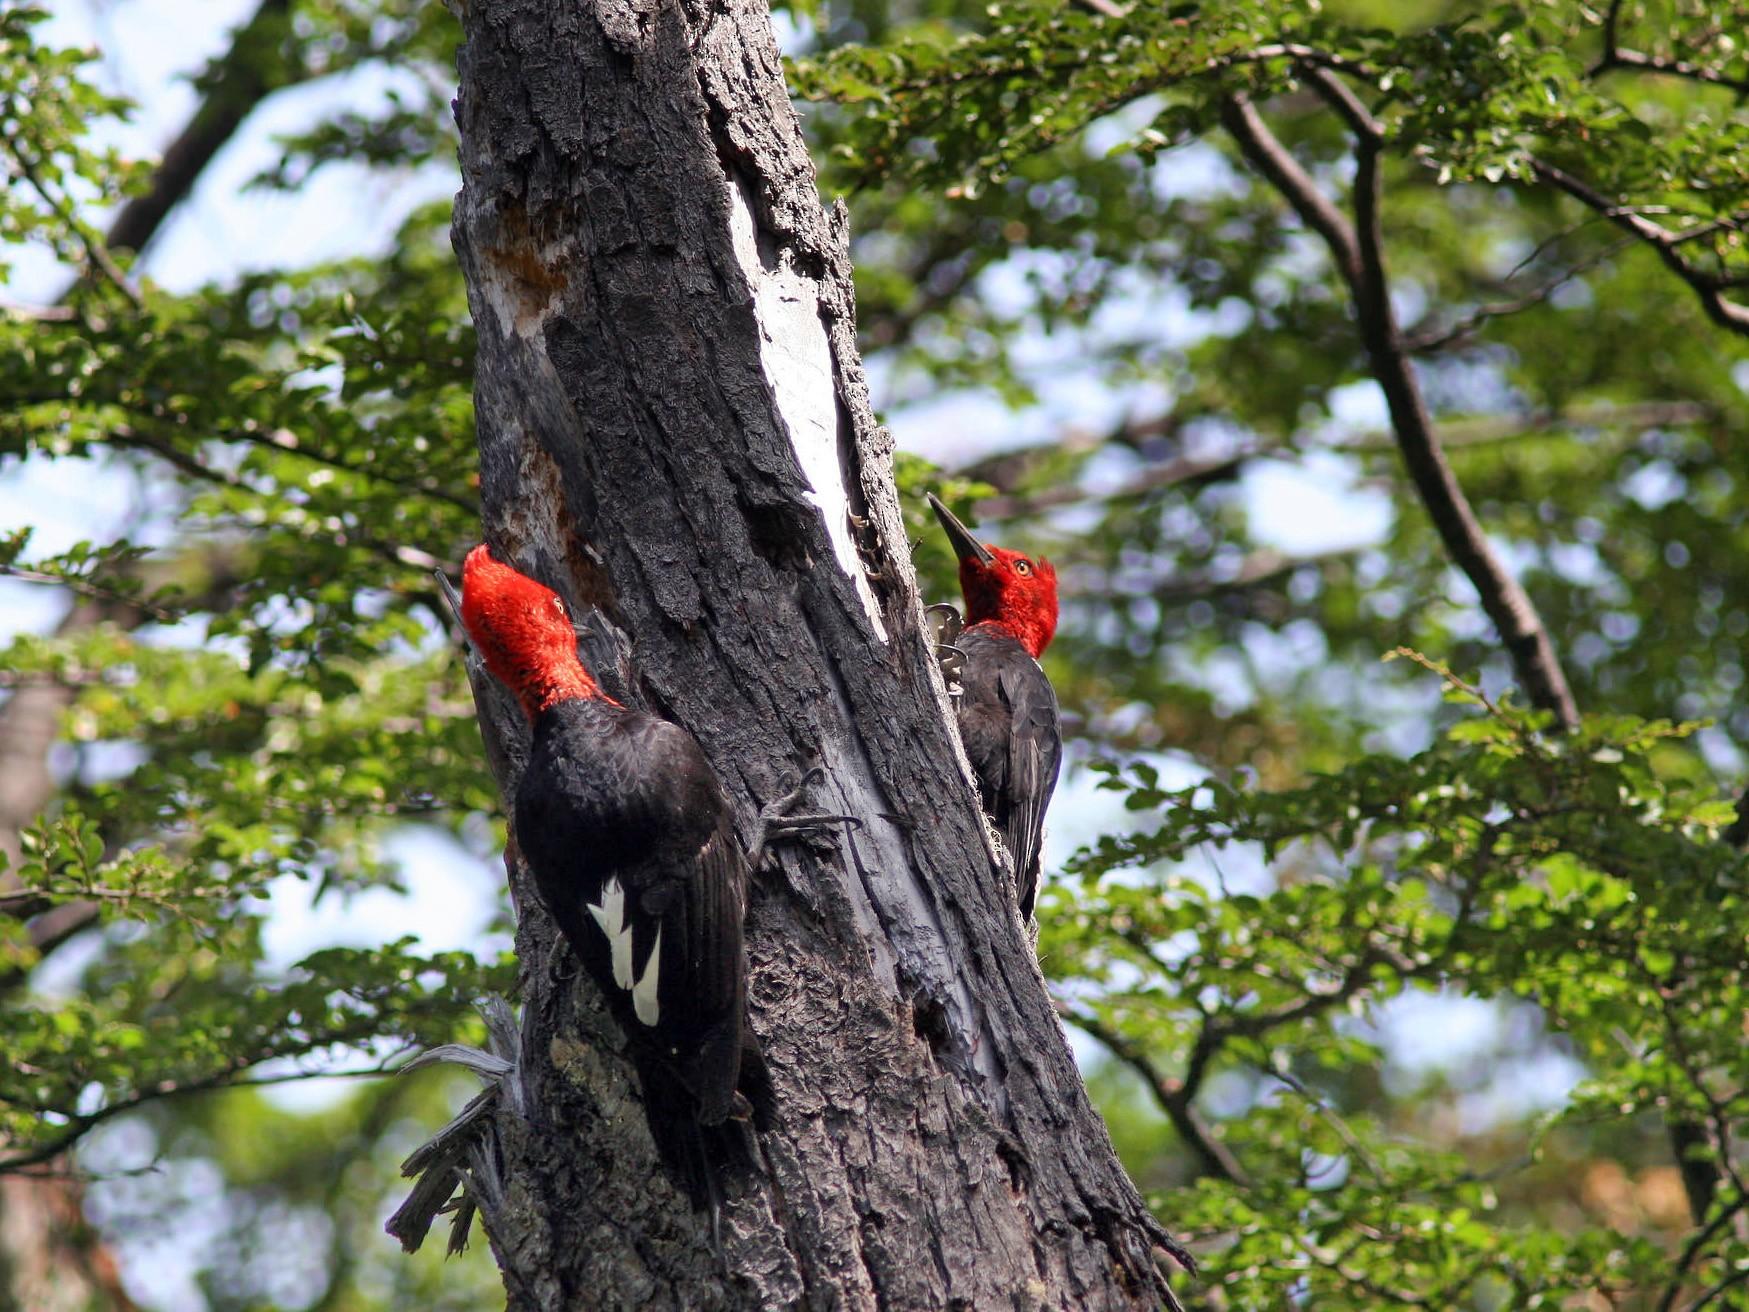 Magellanic Woodpecker - Markus Deutsch